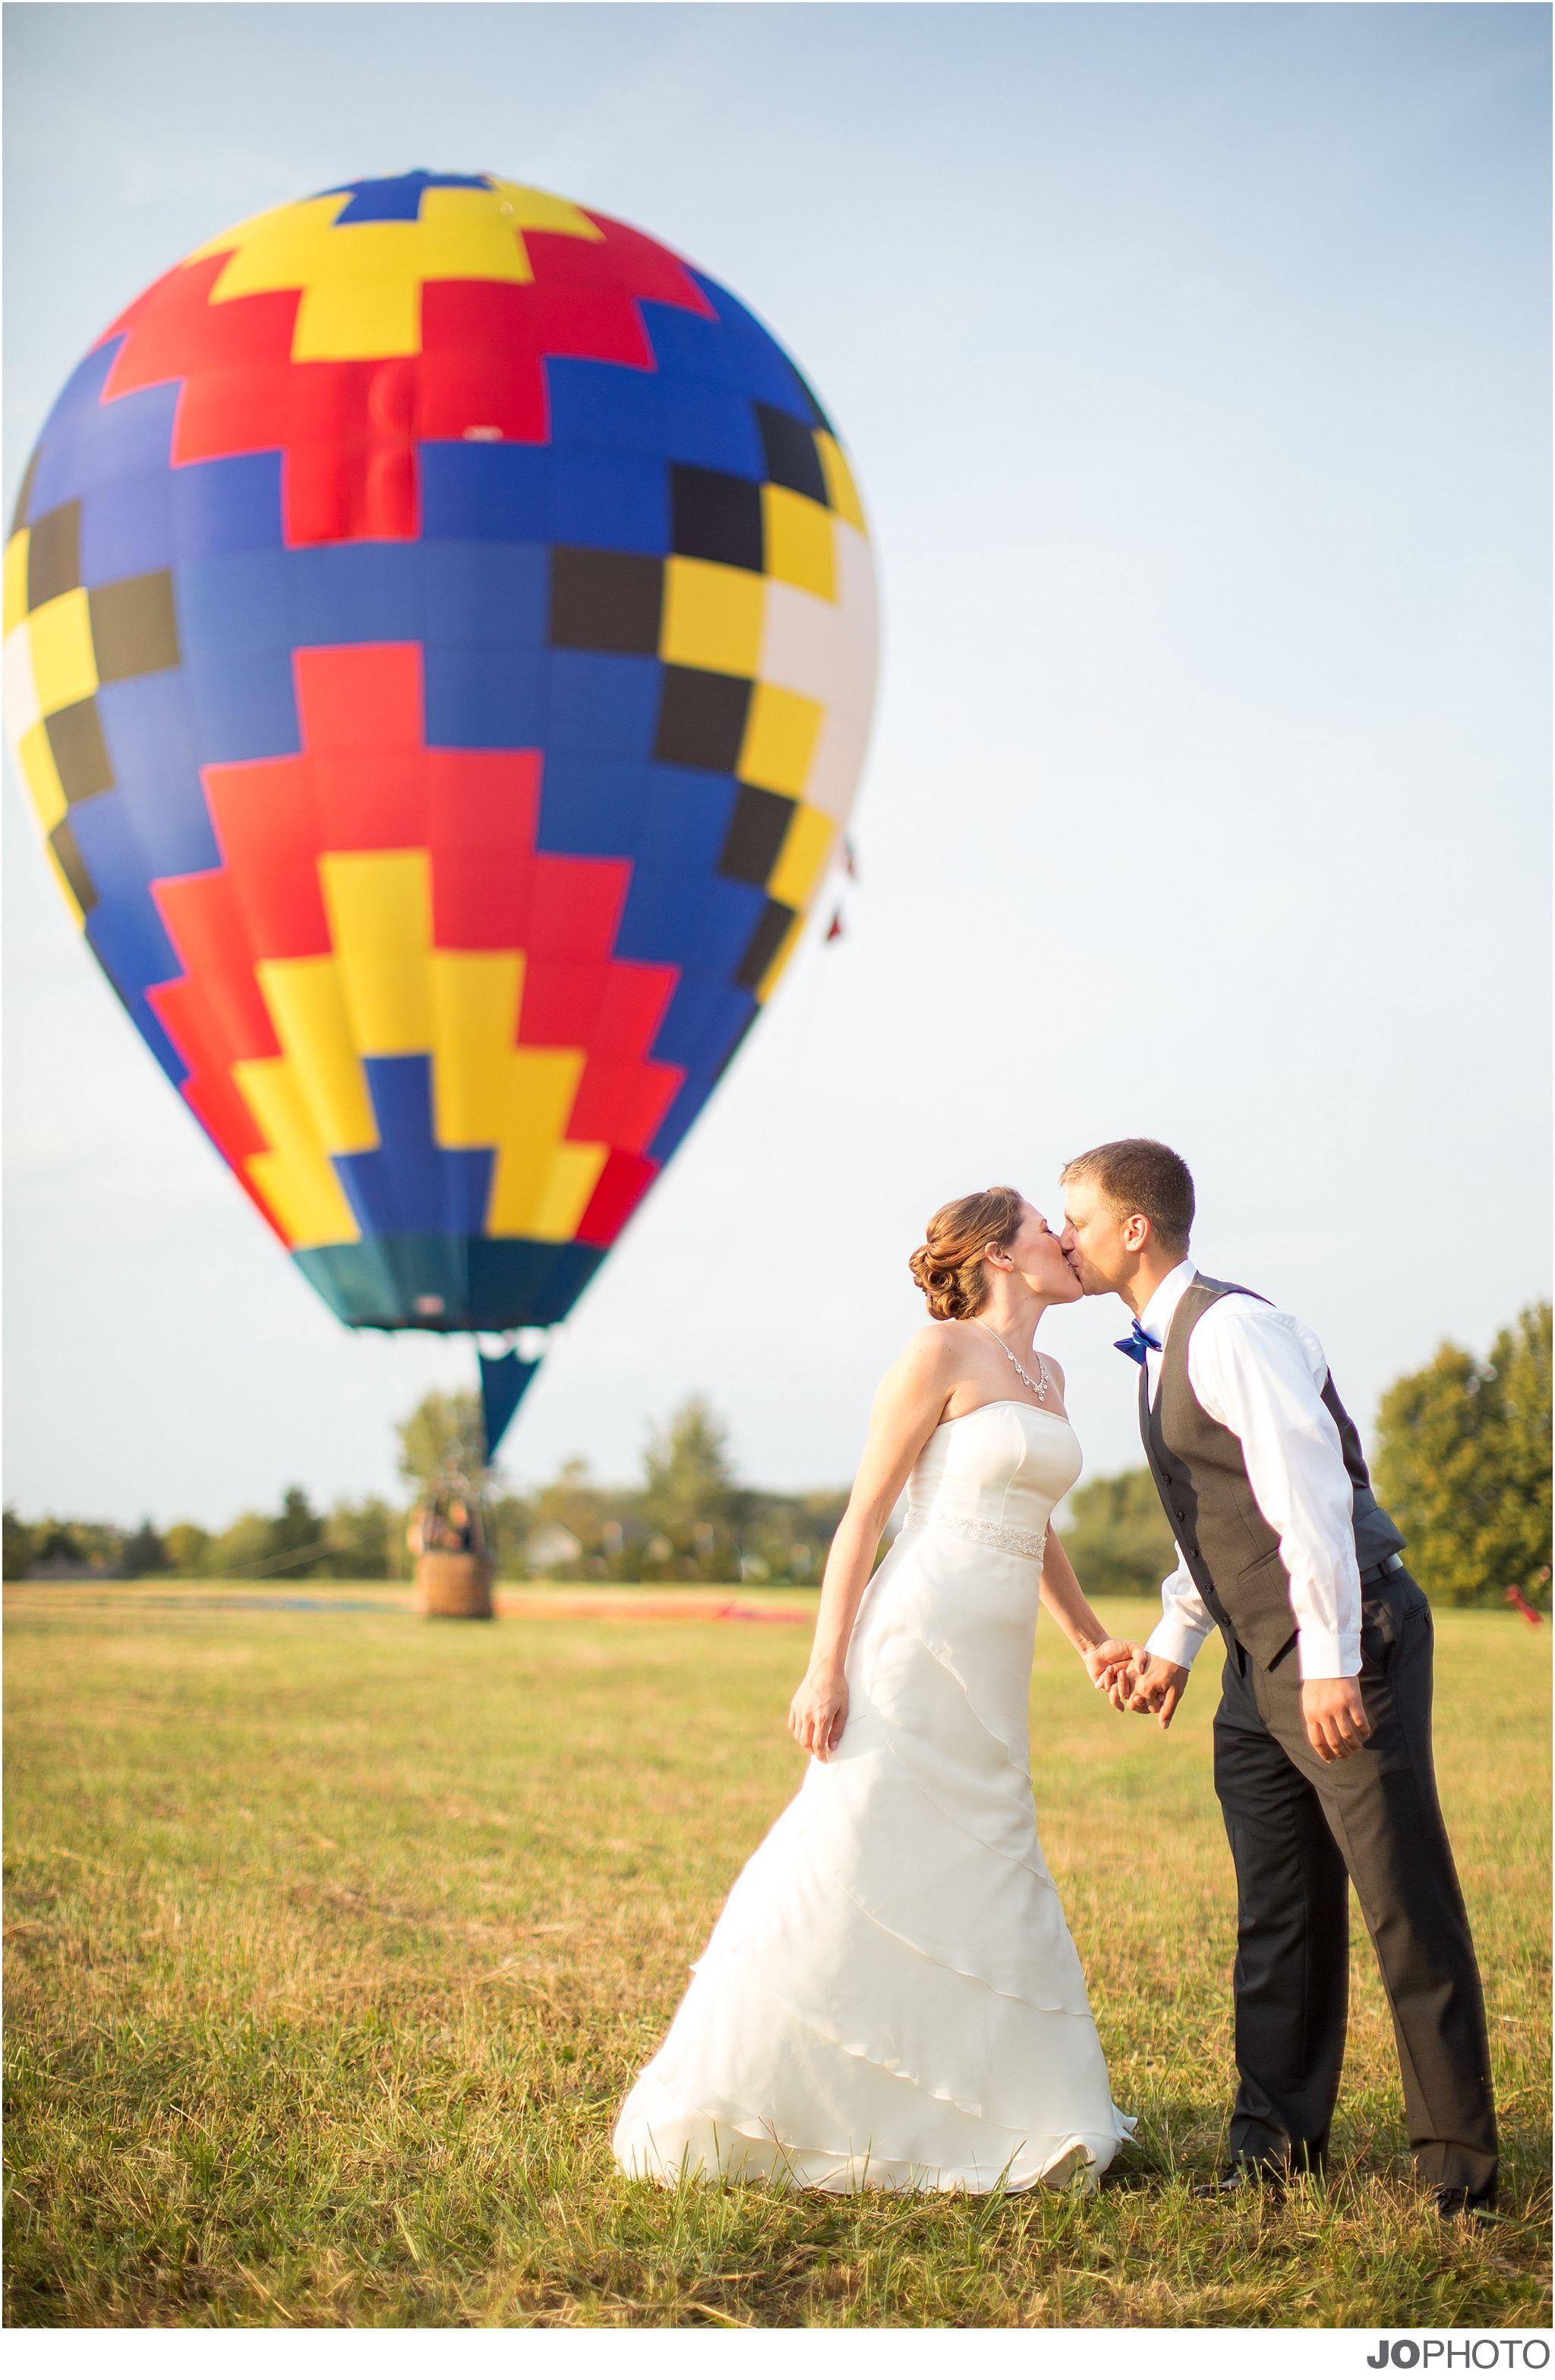 Balloons for wedding - Hot Air Balloon Wedding